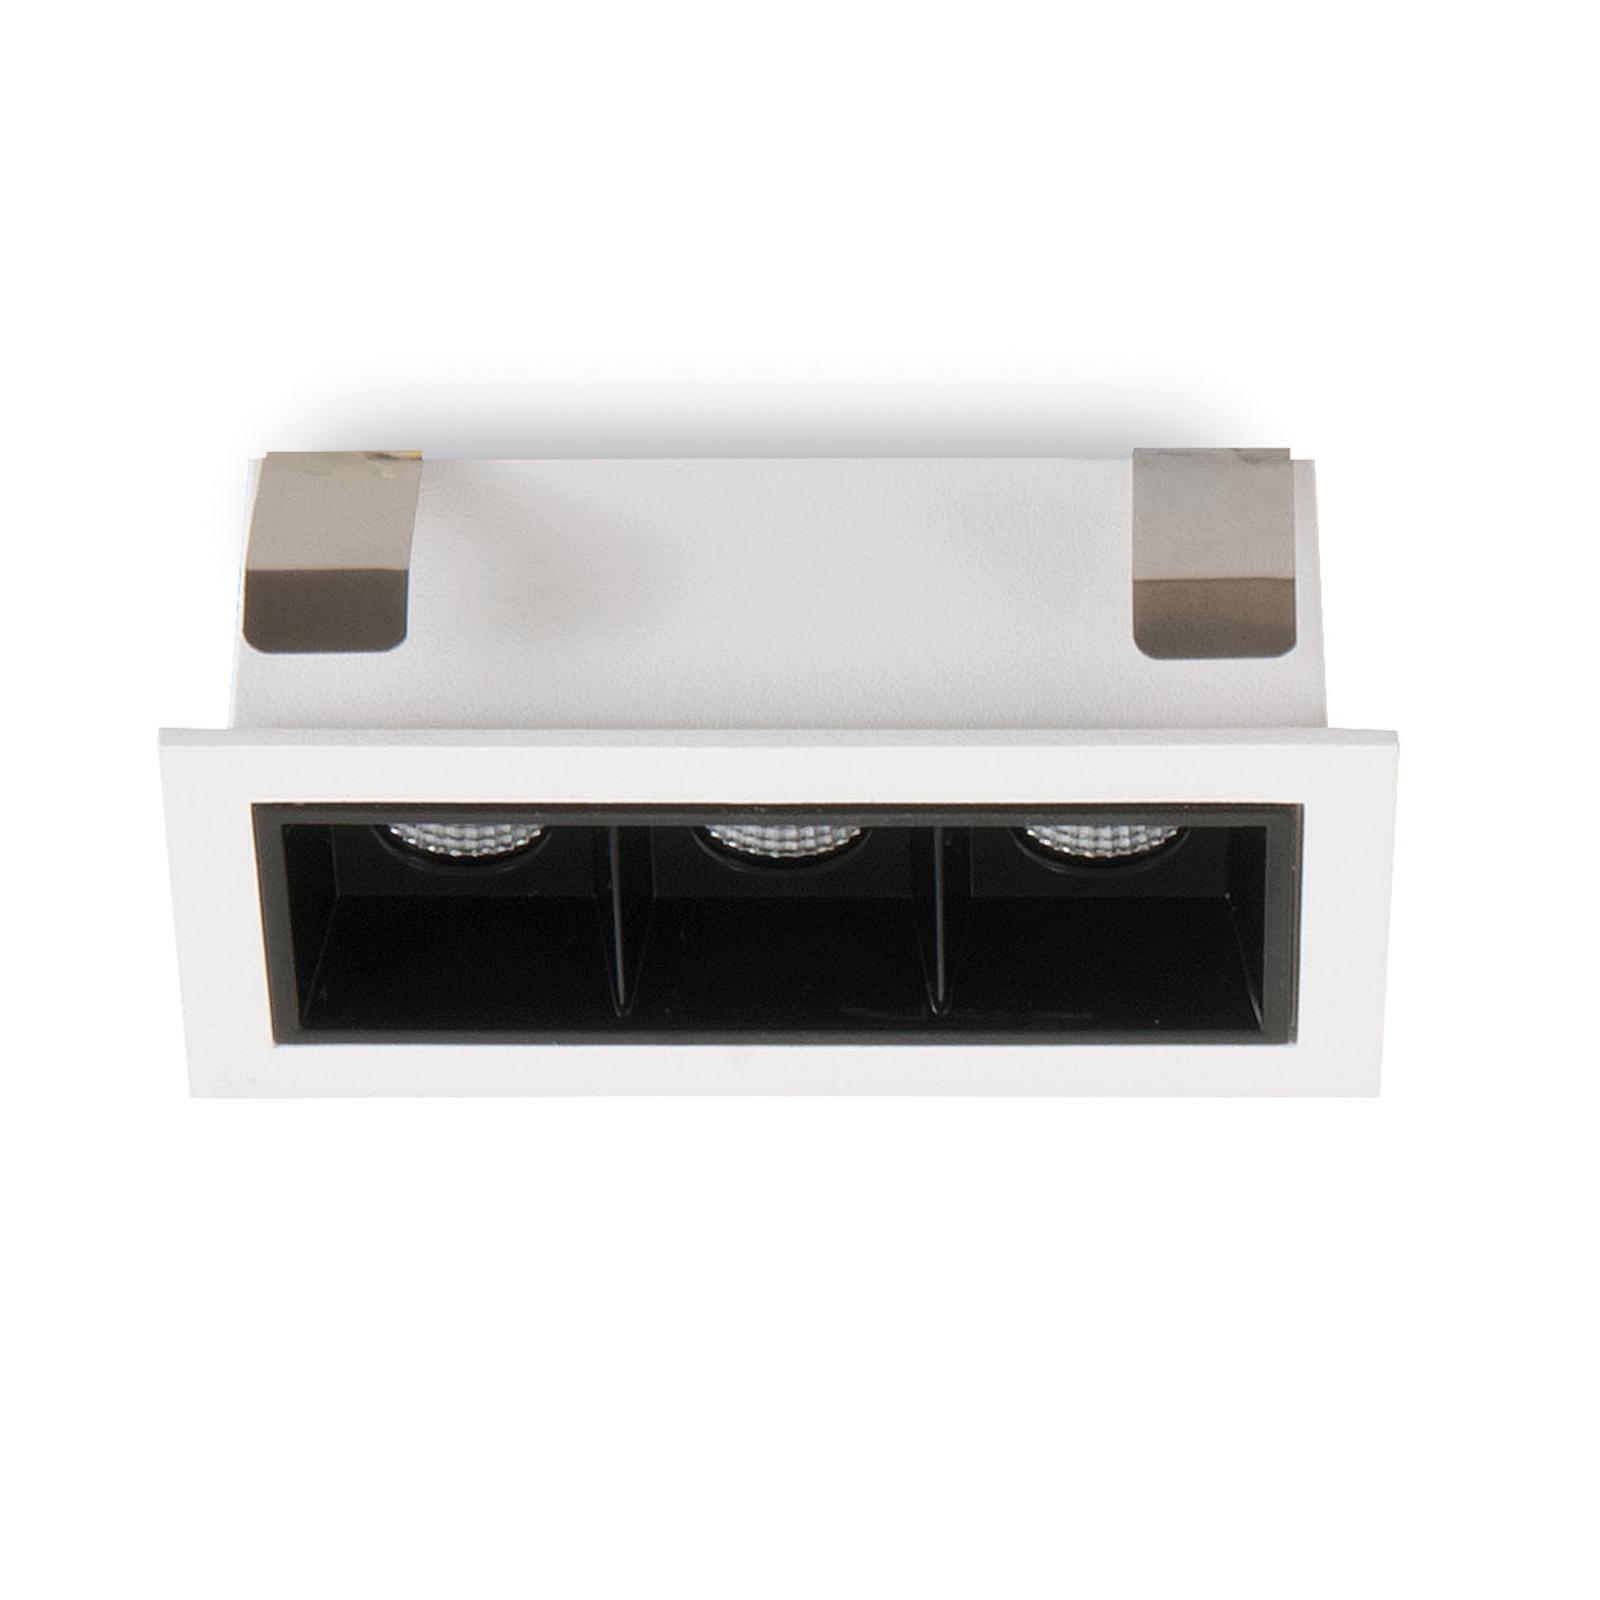 LED-Einbauspot Sound 3 30° mit Rahmen, weiß